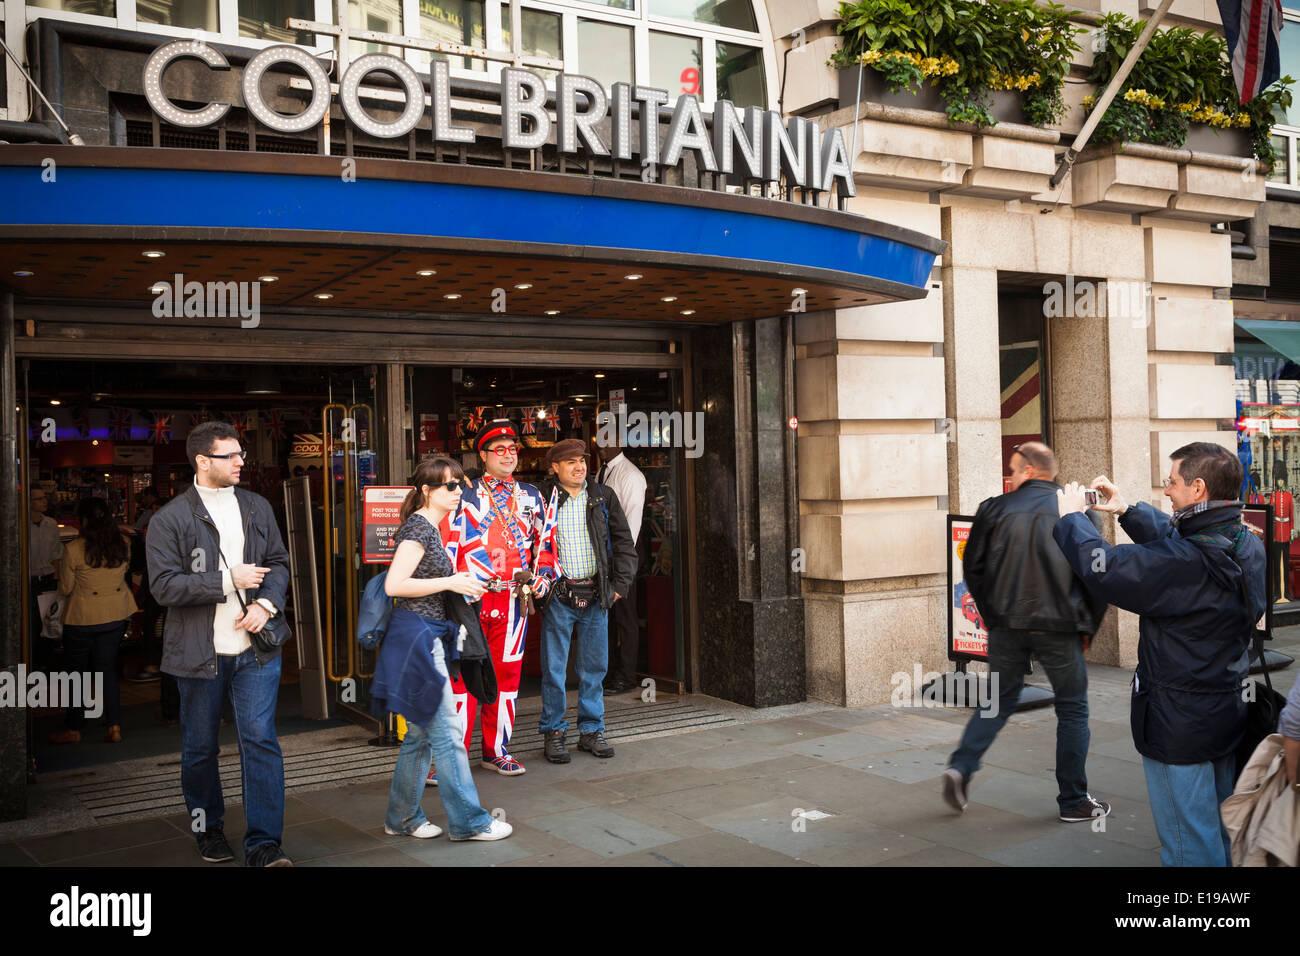 Touristen, die mit der Tür Mann an Cool Britannia in Piccadilly London fotografiert. Stockbild